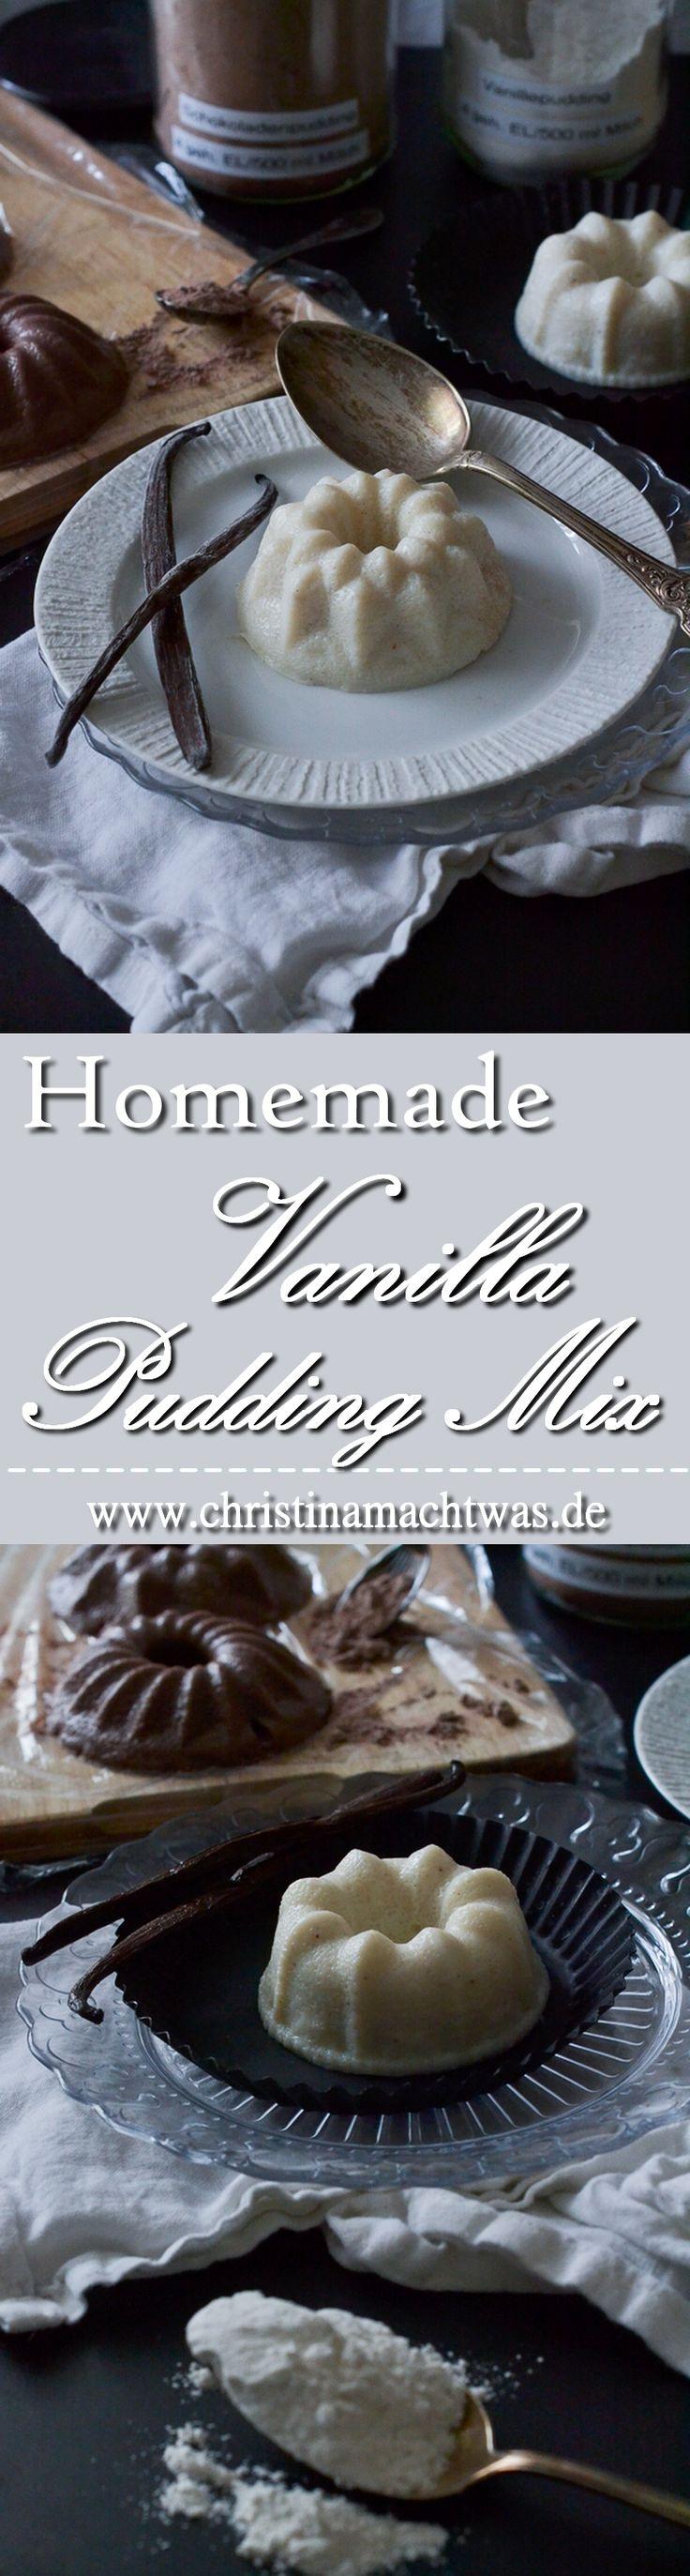 Puddingpulver war das einzige, was ich bisher gekauft habe. Aber selbstgemacht ist's natürlich am Besten und so bekommt ihr hier von mir das Rezept für selbstgemachtes Vanillepuddingpulver! --- Homemade Vanilla pudding mix, without any chemicals - just pure vanilla taste.